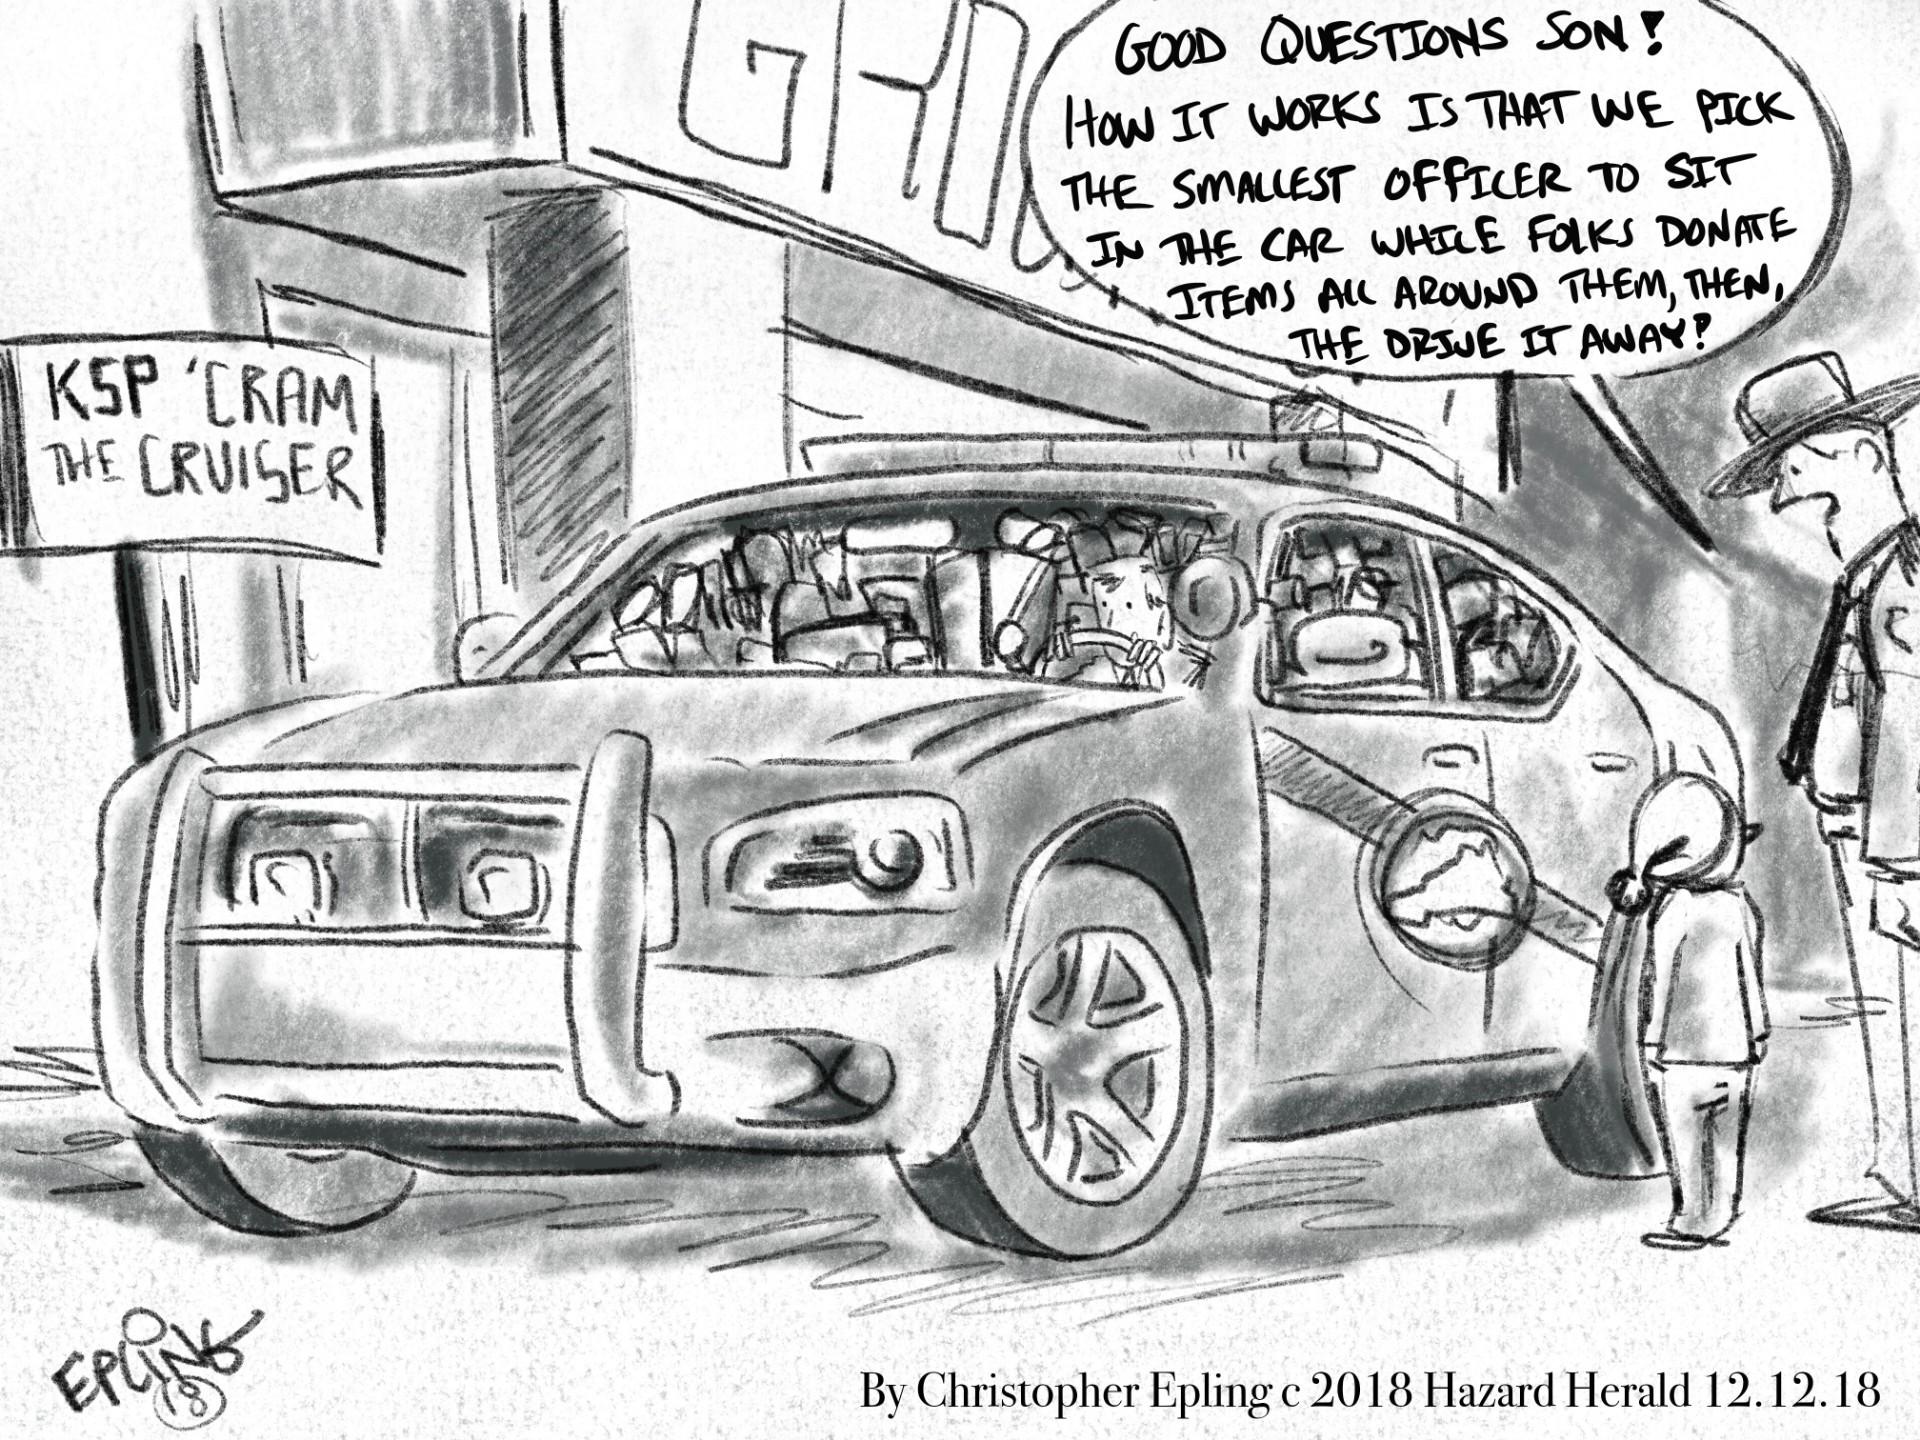 Epling Hazard Cram a Cruiser 12.12.18